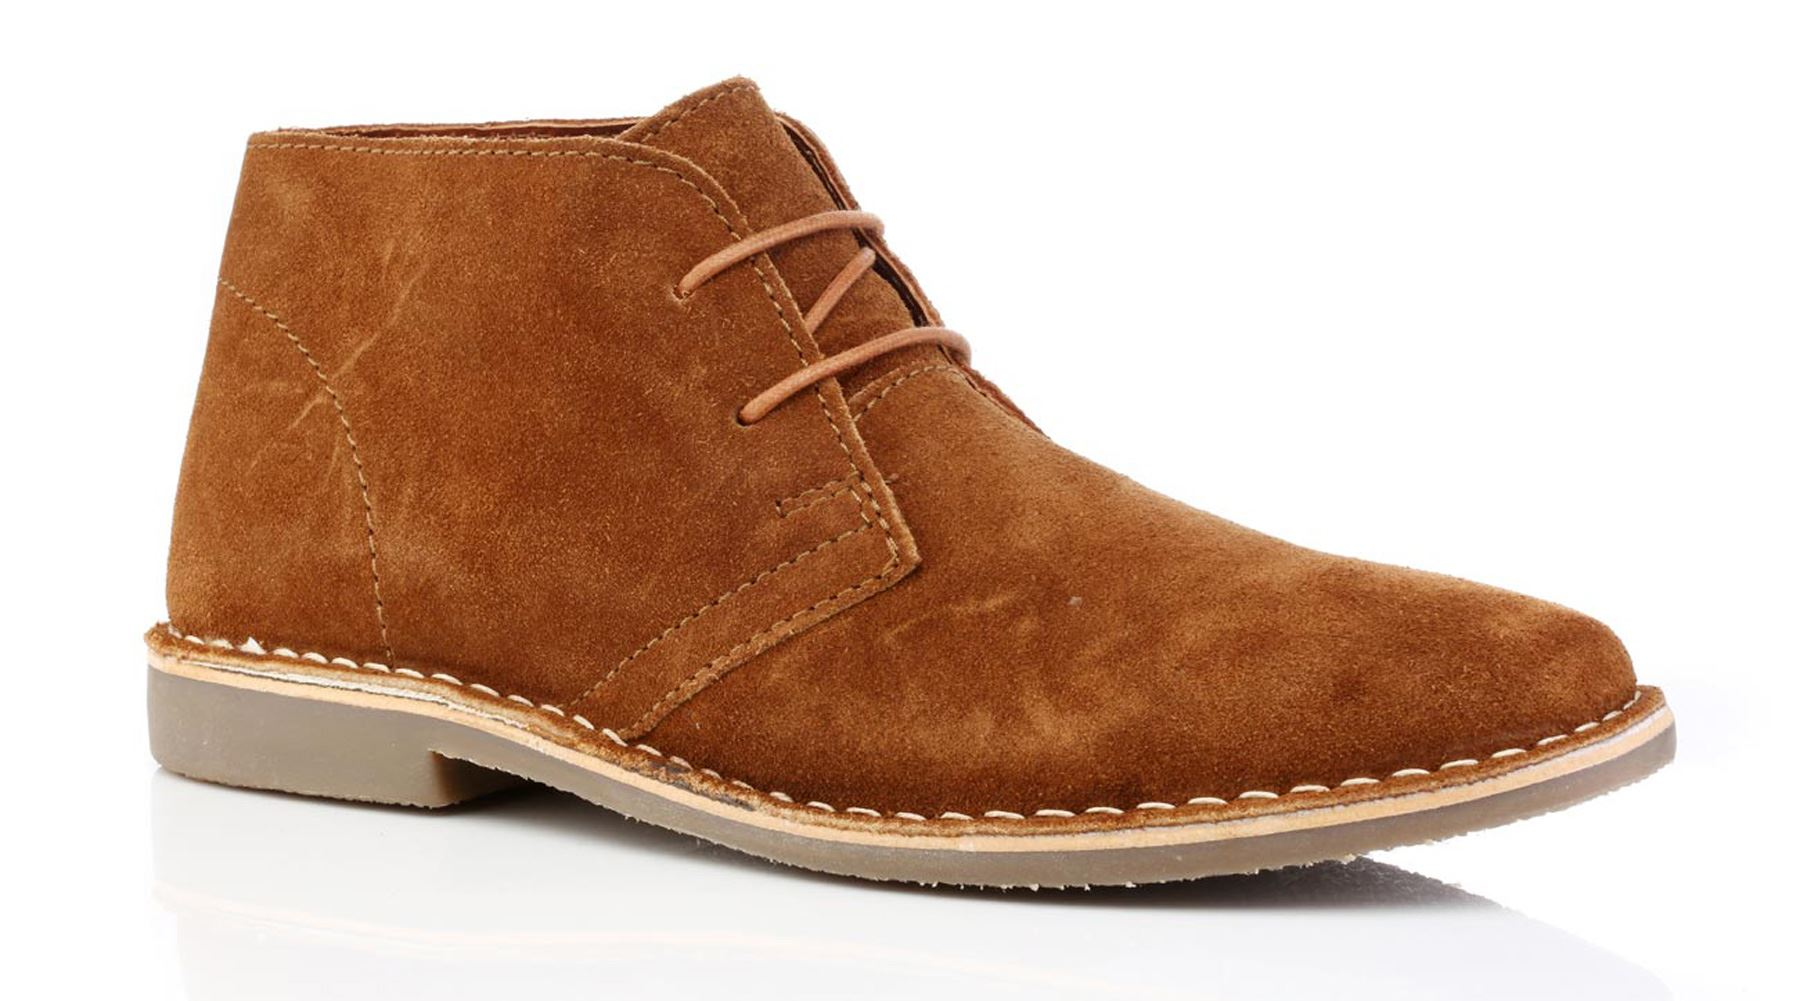 4174ec3882e696 Redtape Gobi cuir suède lacent des bottes pour hommes. Ces daim desert boots  très à la mode sont parfaits pour toutes les occasions formel ou  décontracté.